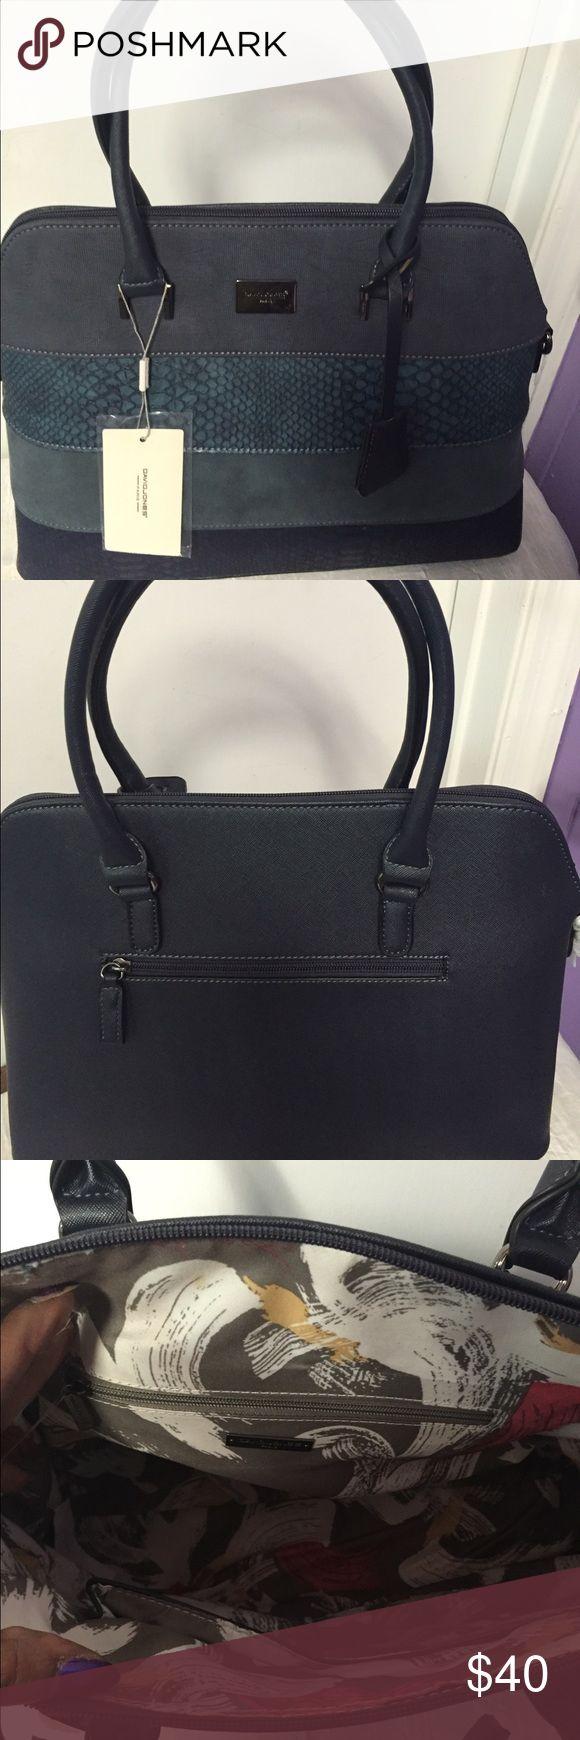 David Jones Handbag Detachable Strap, Suede like material, 2 Tone david jones Bags Shoulder Bags